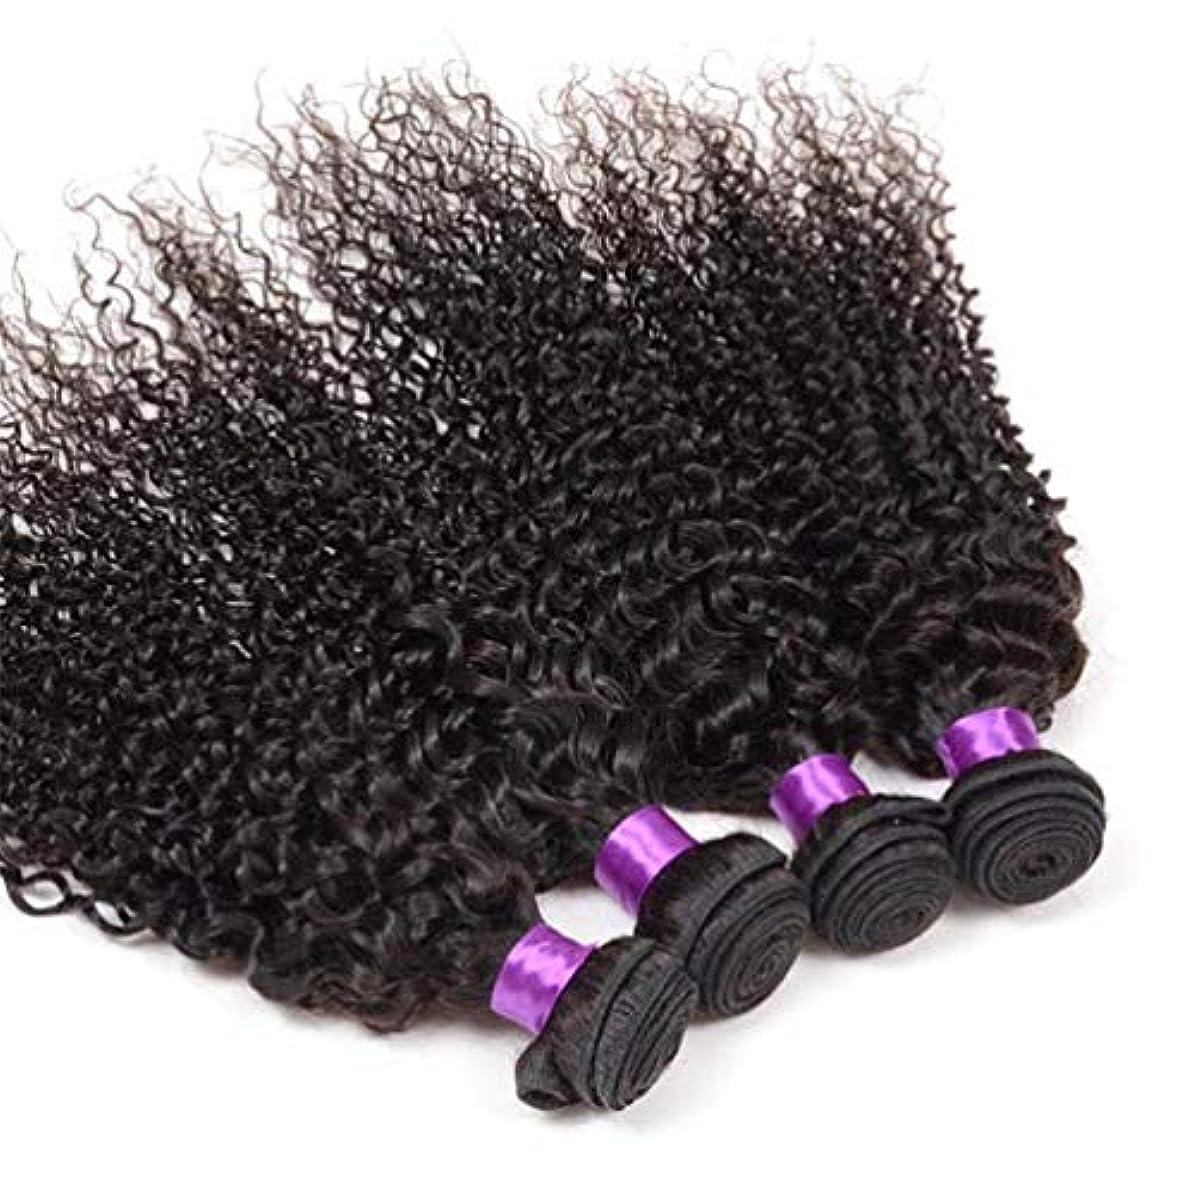 せっかちパニックレザー女性の髪の織り密度130%ブラジルの巻き毛1束ブラジルの人間の毛髪の束ブラジルの巻き毛の束ナチュラルカラー(100 +/- 5g)/ pc